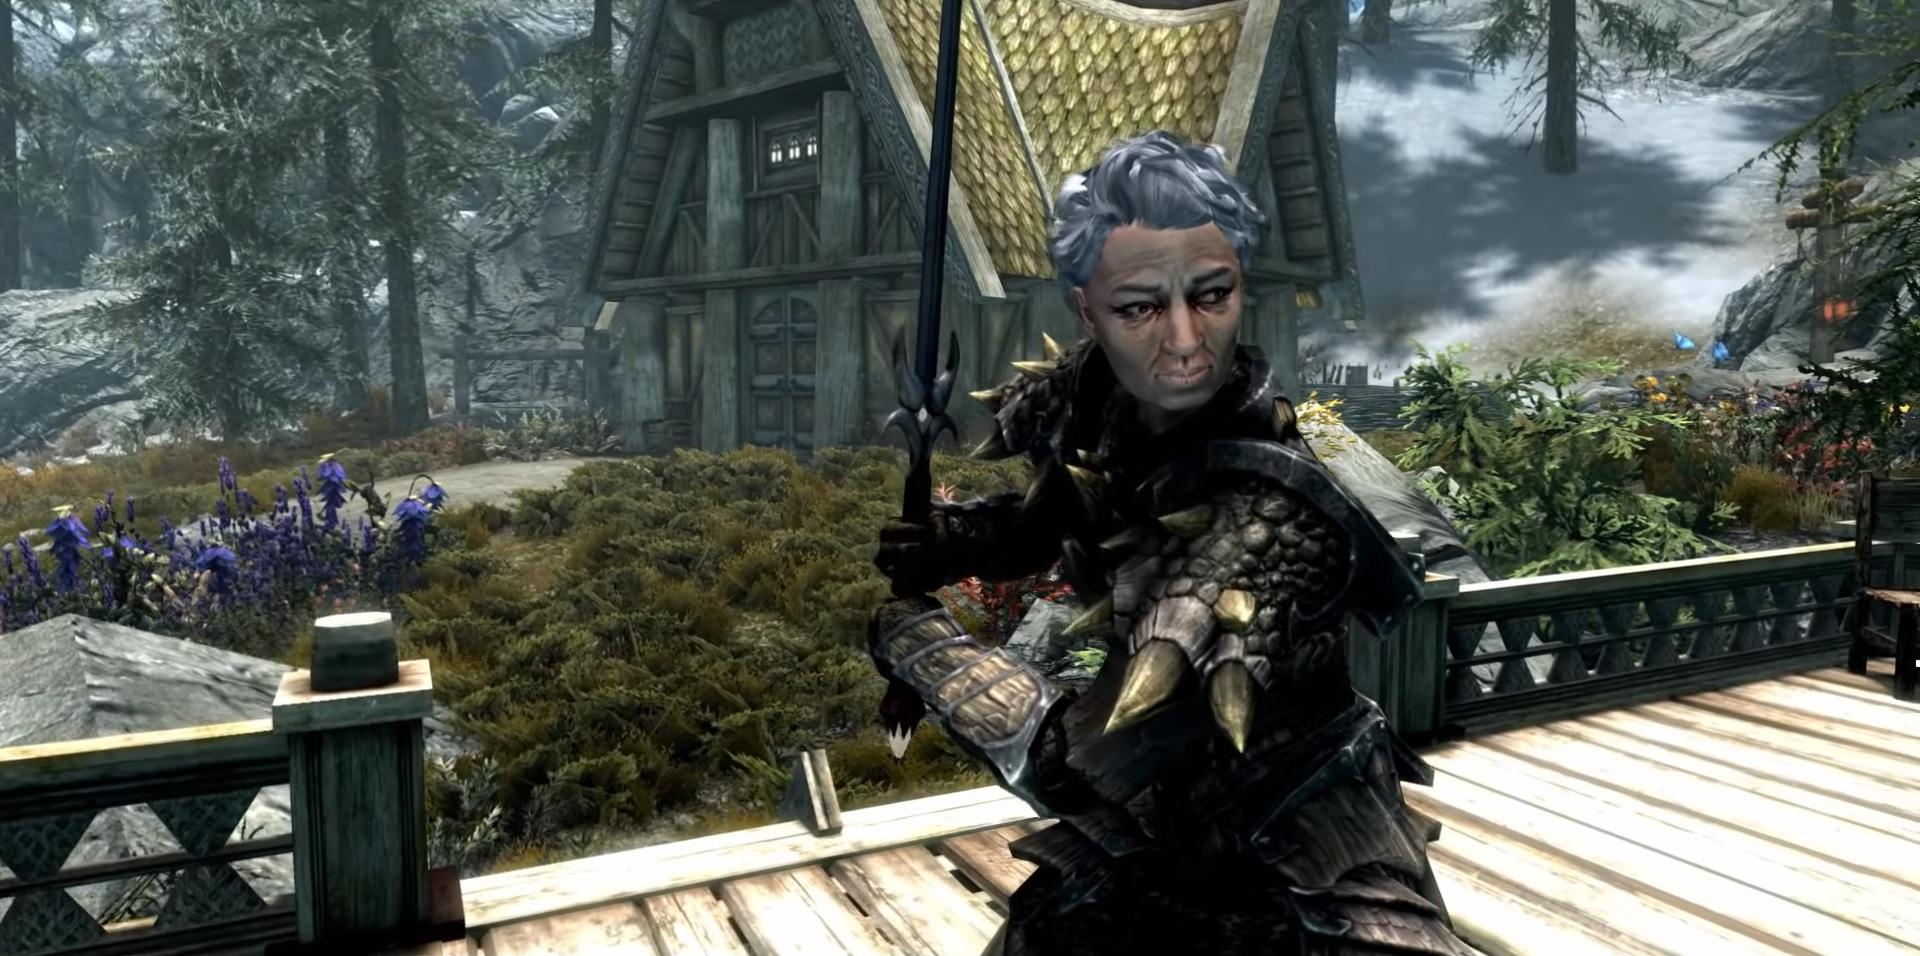 Une fan de Skyrim âgée de 85 ans a trouvé son chemin dans l'univers du jeu.